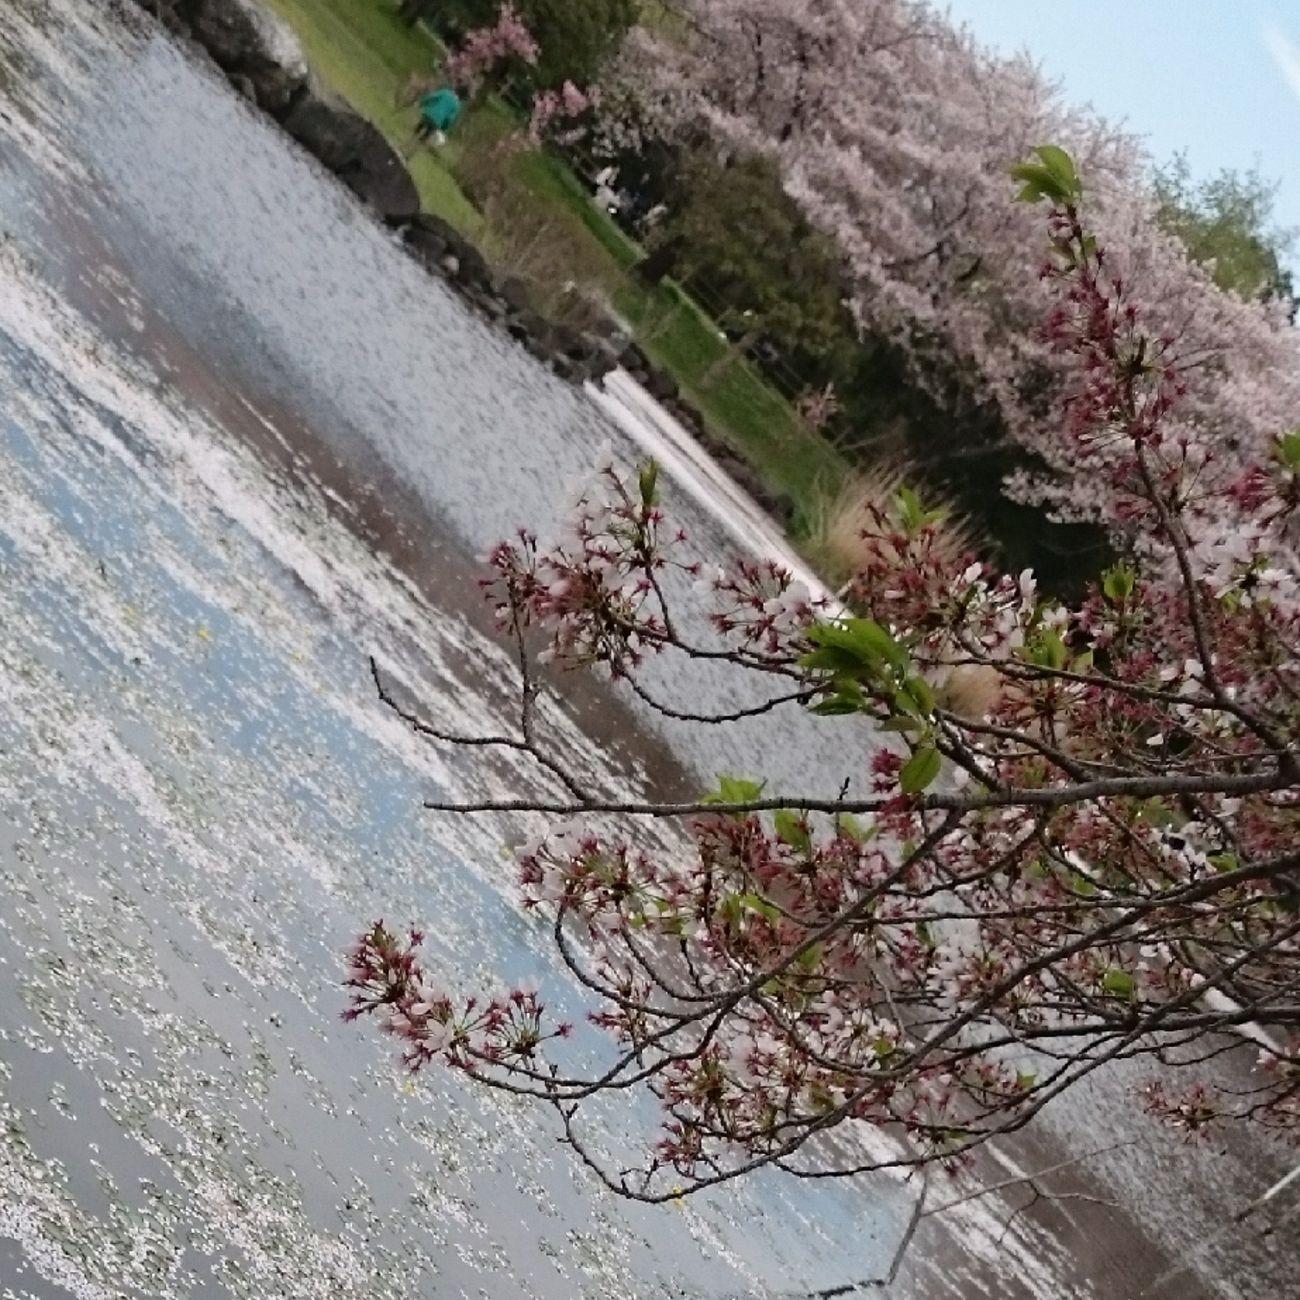 おはようございまーす 桜 ももう終わりかなー 今日 も 笑顔でいこーね サクラ 桜祭り 2016繋がろうみんなの桜 美里 Japanese Shrine